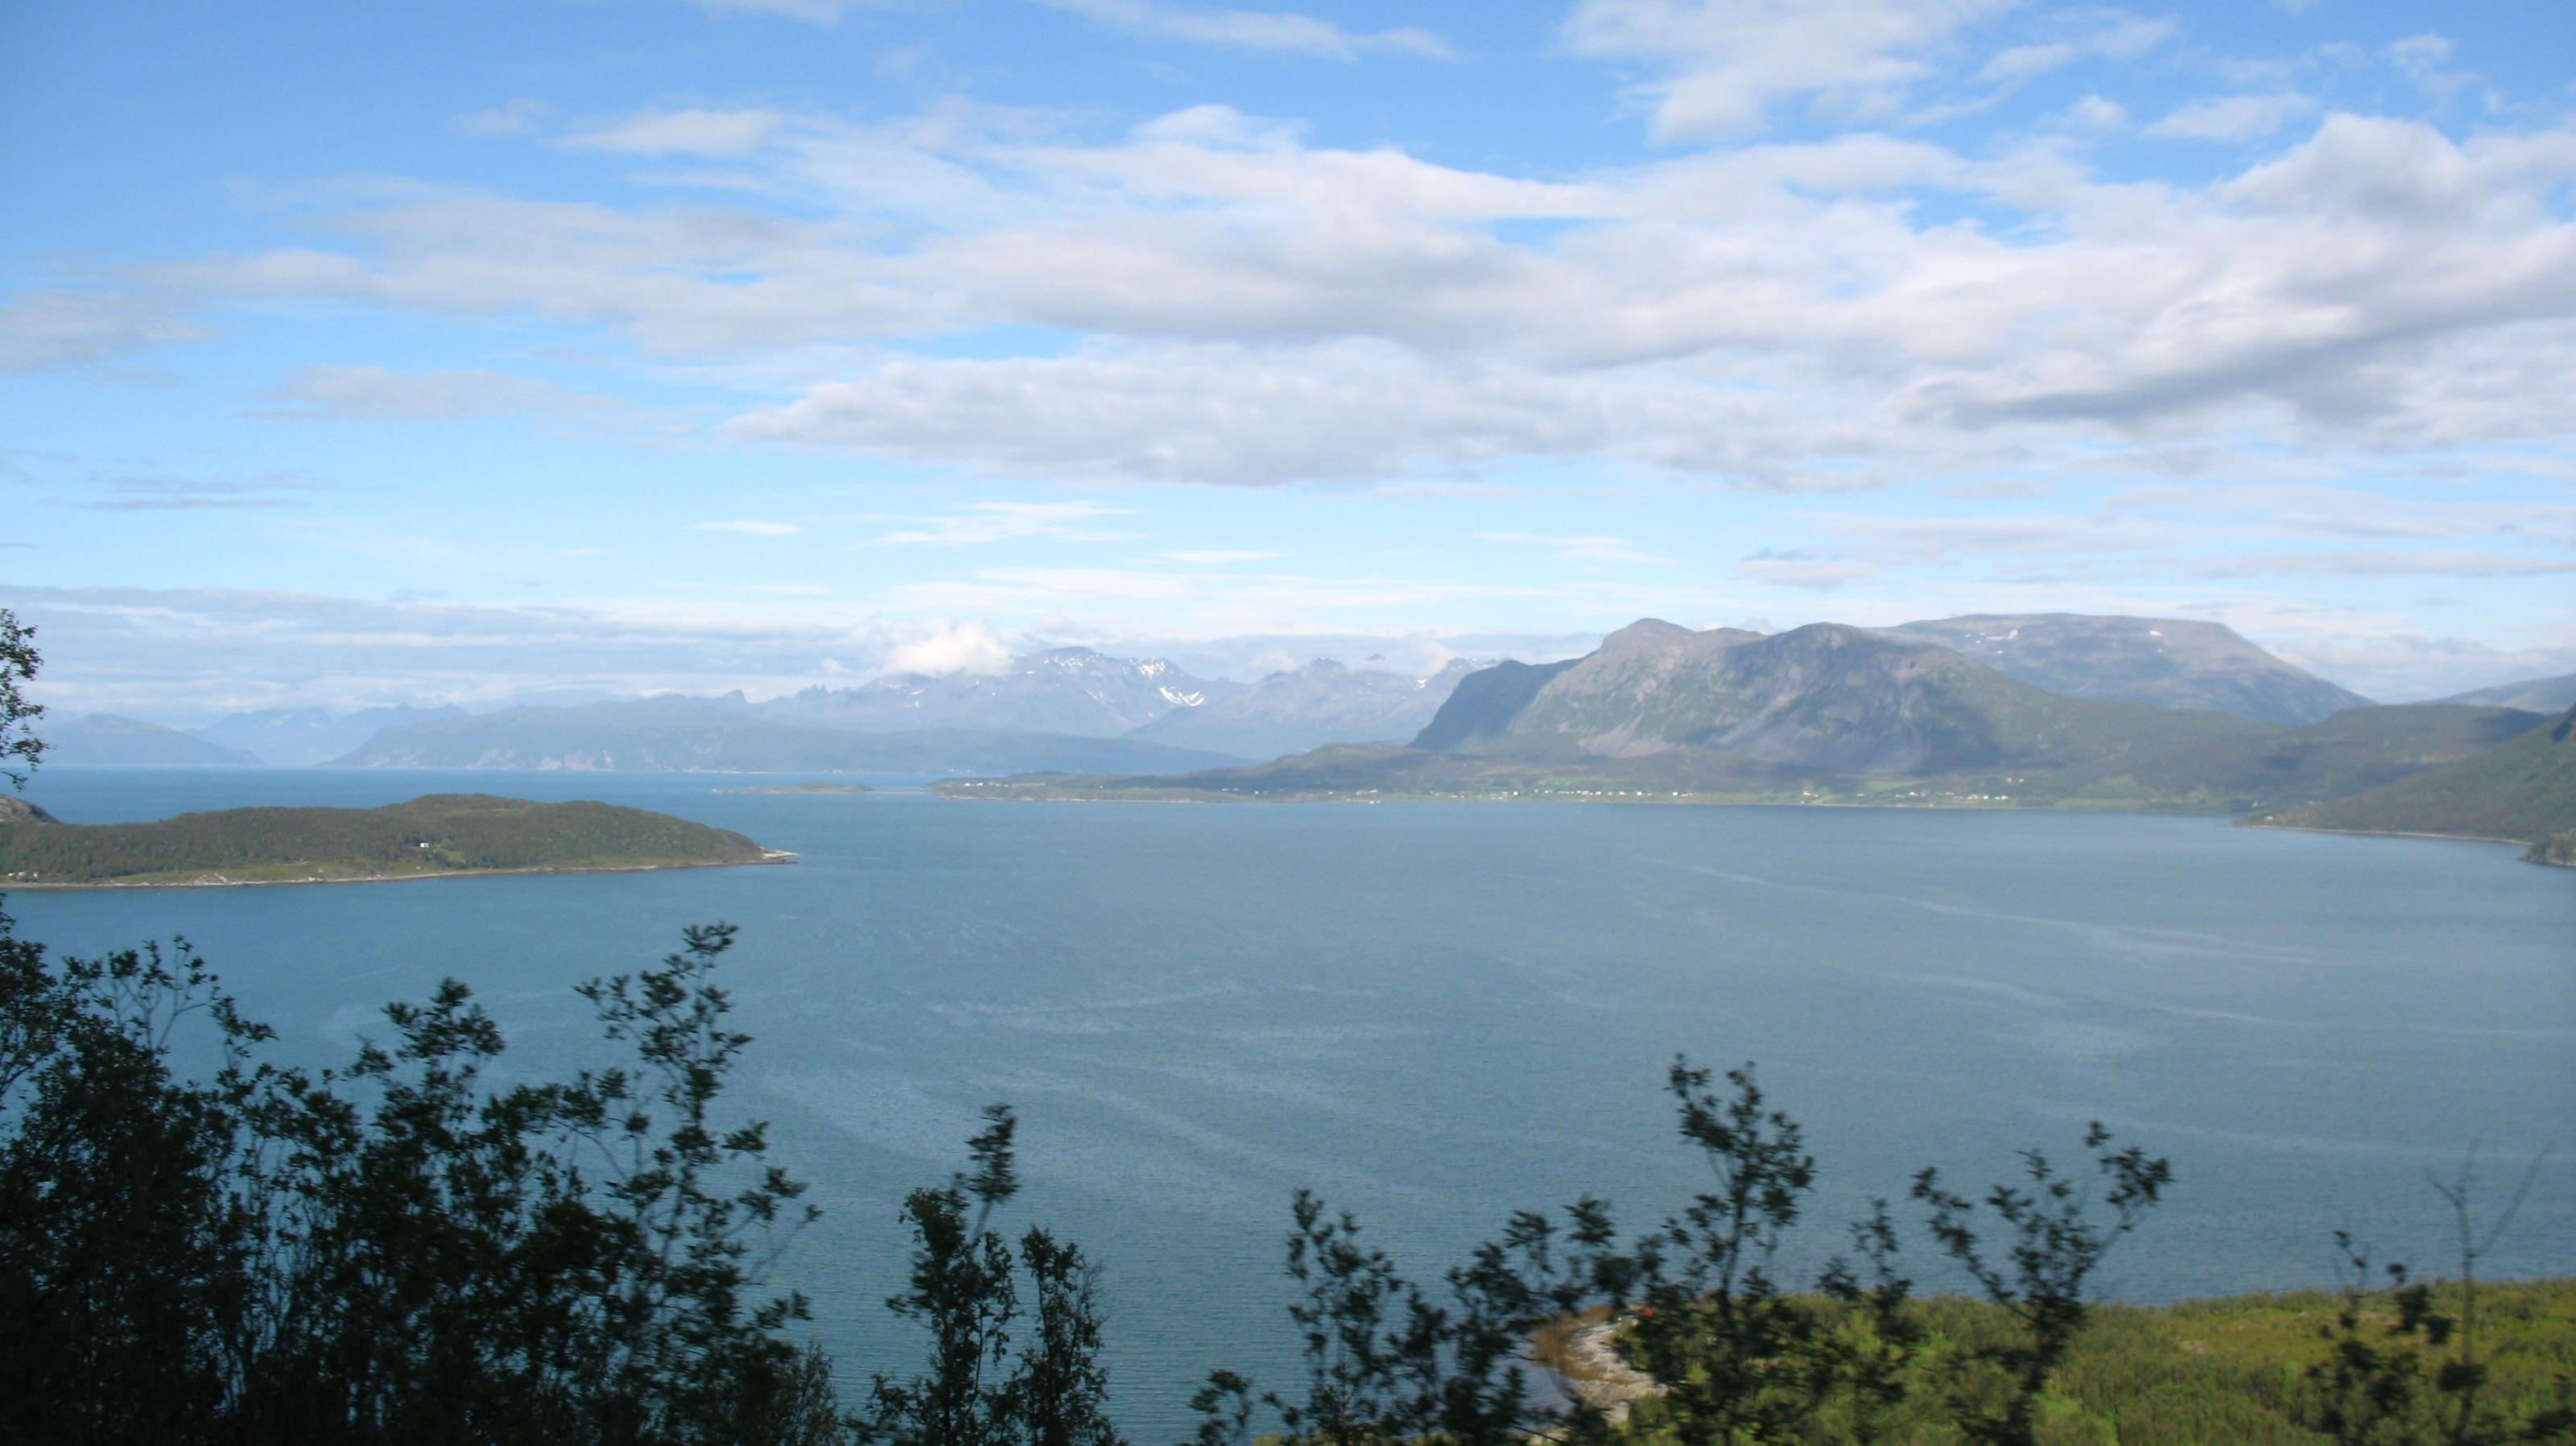 2015-08-nordkap-tour-819.jpg